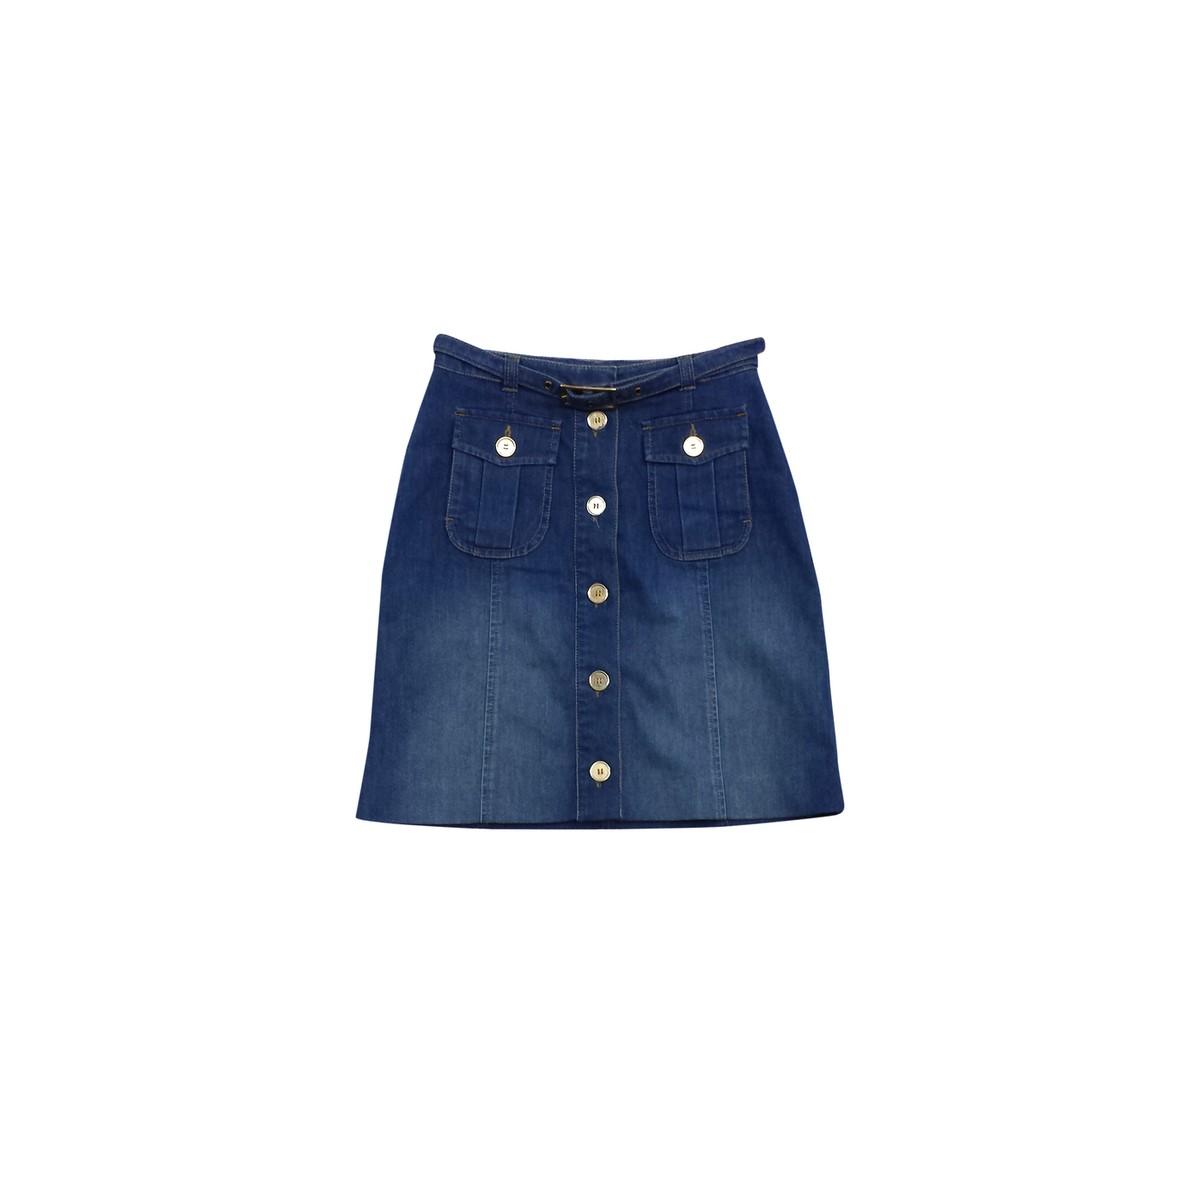 Reiss- Blue Button Up Denim Skirt Sz 2